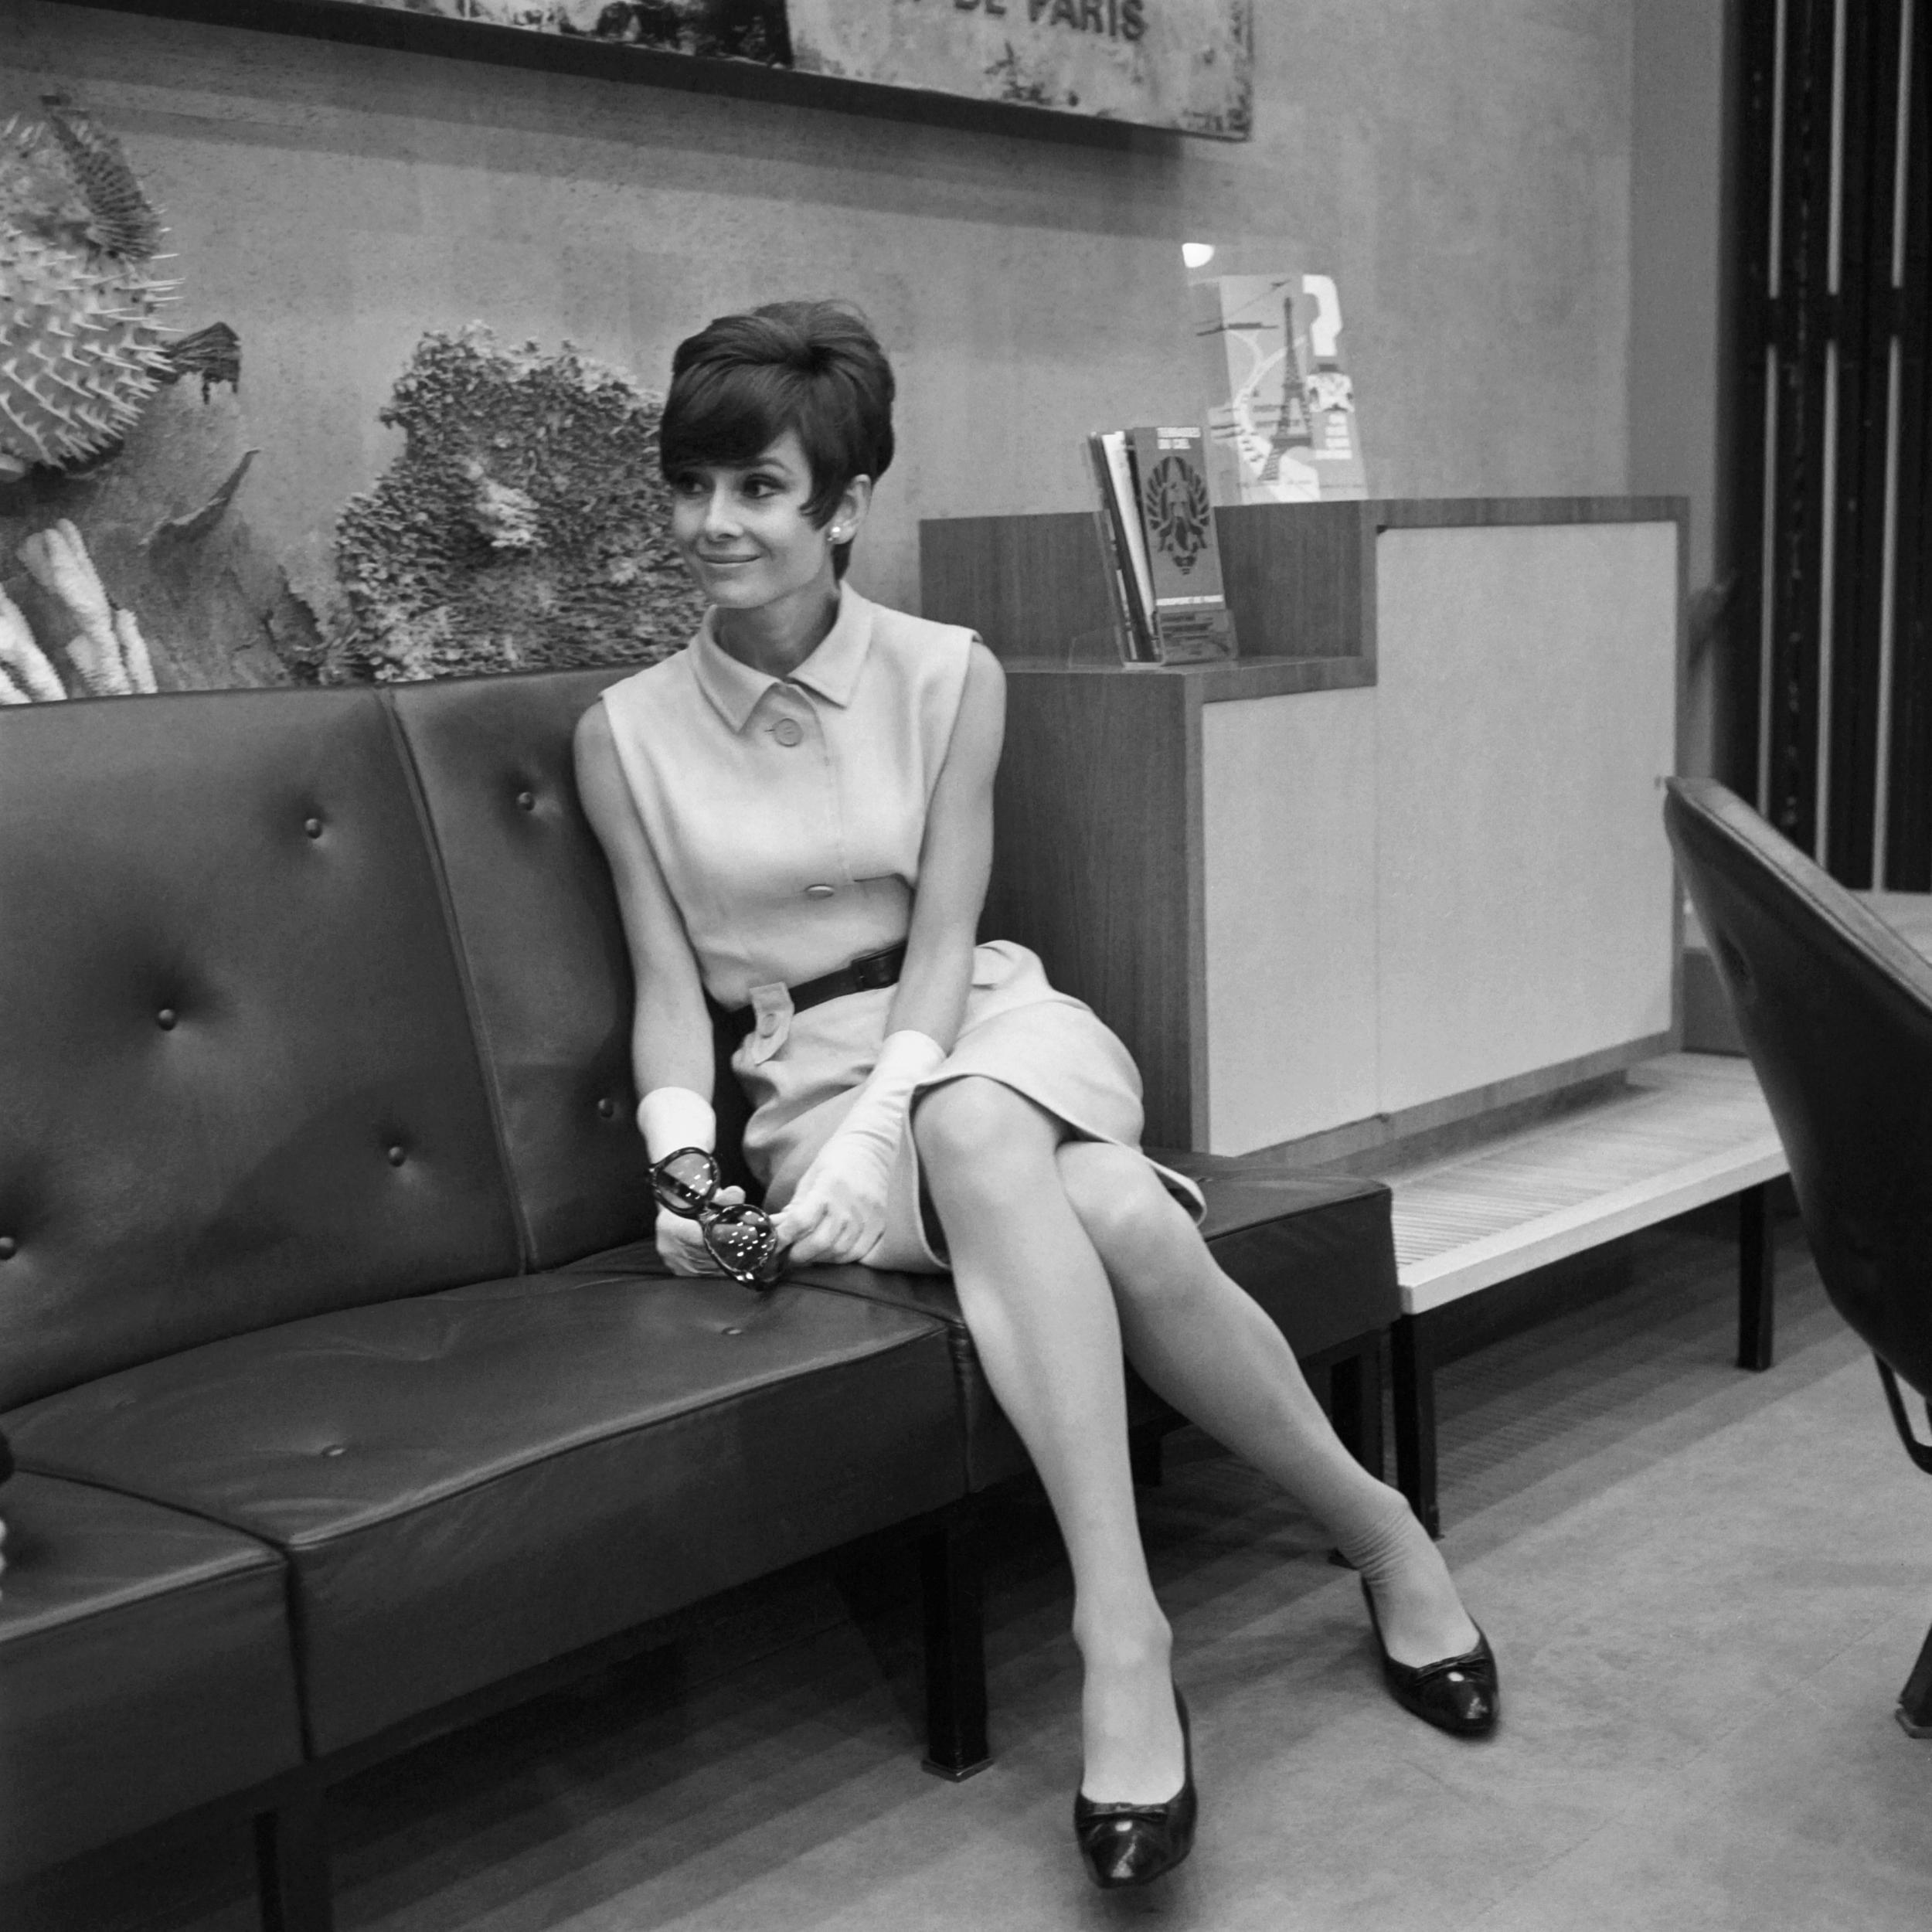 Biểu tượng thời trang Audrey Hepburn và những món phụ kiện yêu thich